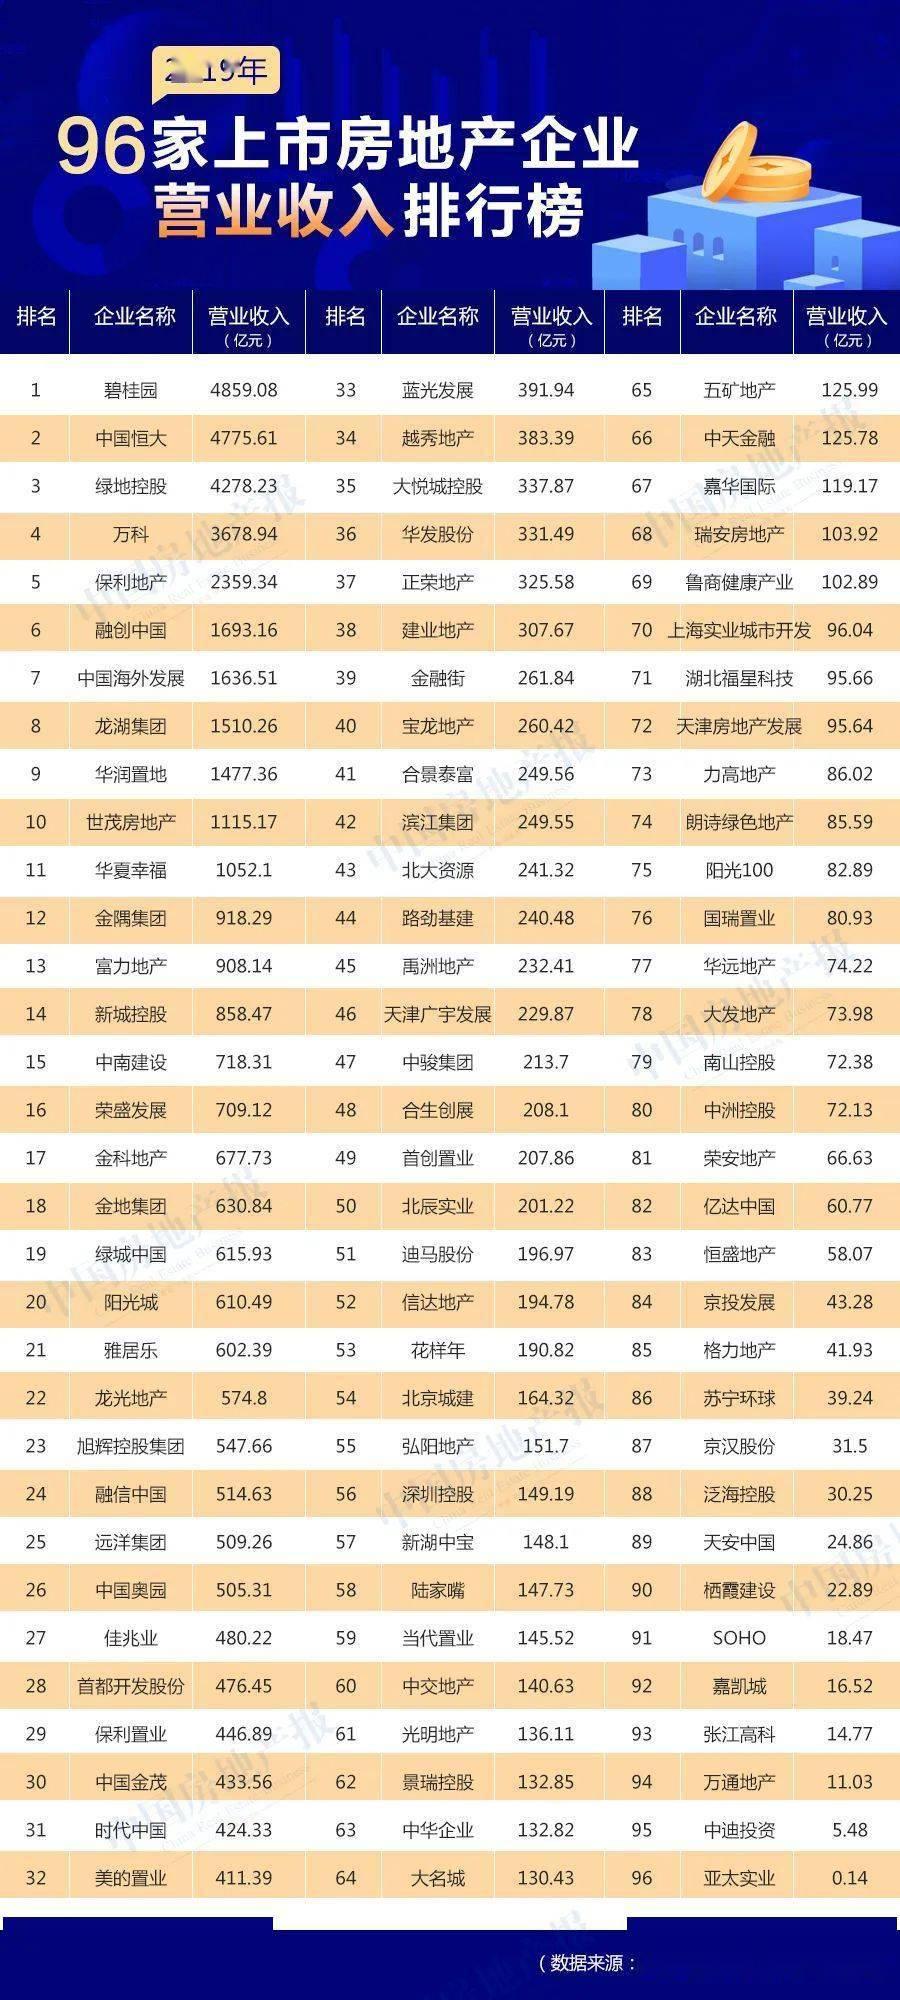 智库·报告|2019年中国96家上市房企收入、成本与利润分析